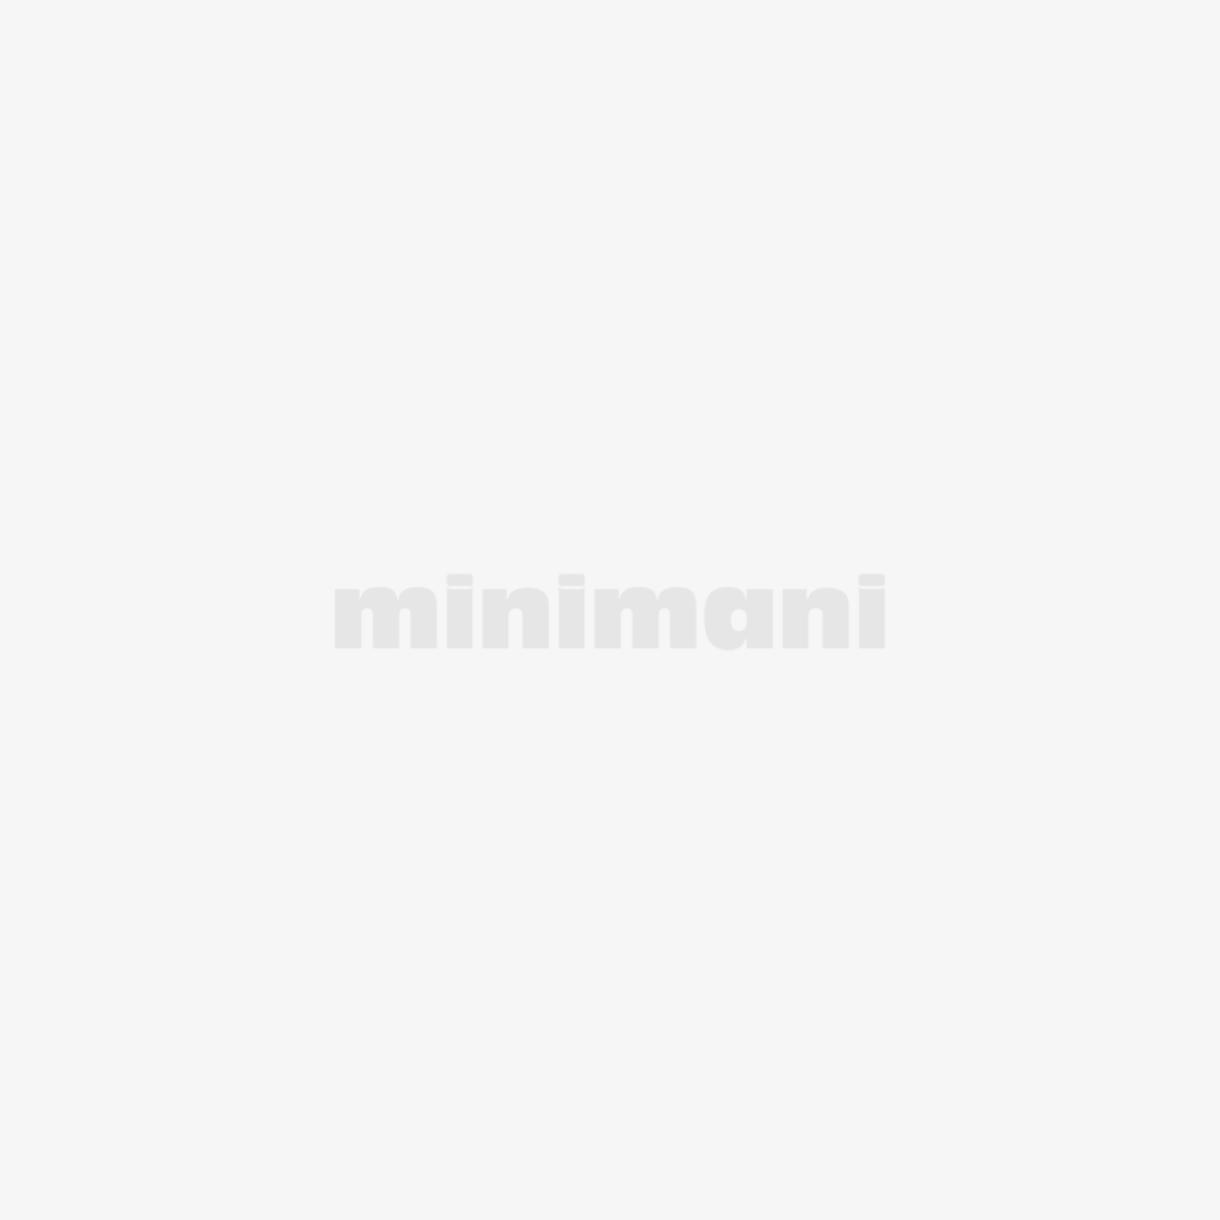 TELPAK SUOJAMUOVITEIPPI 55CM X33M